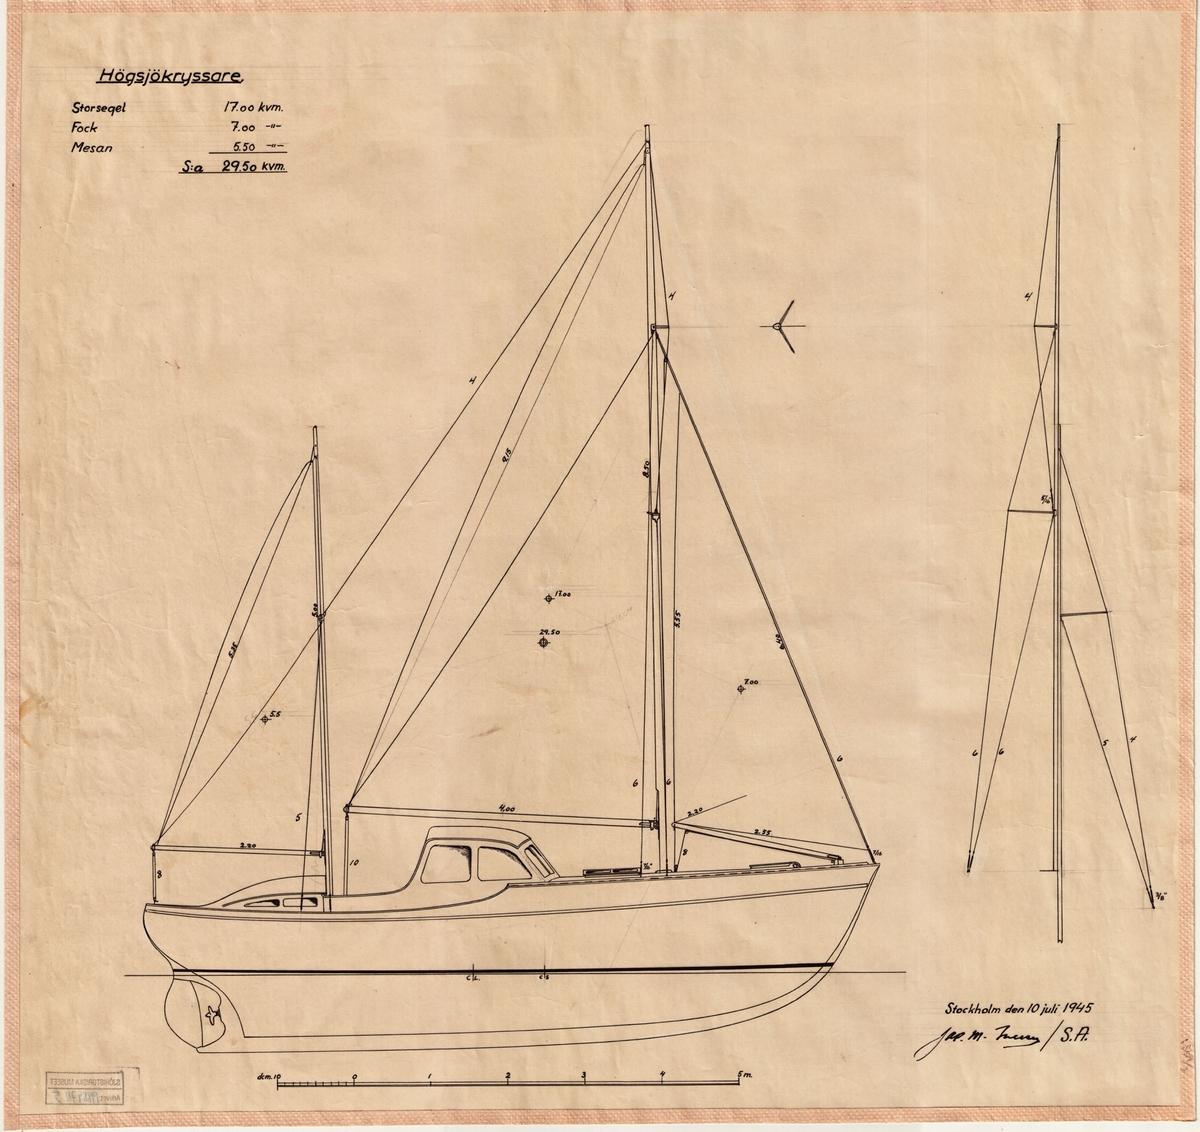 segel och riggritning